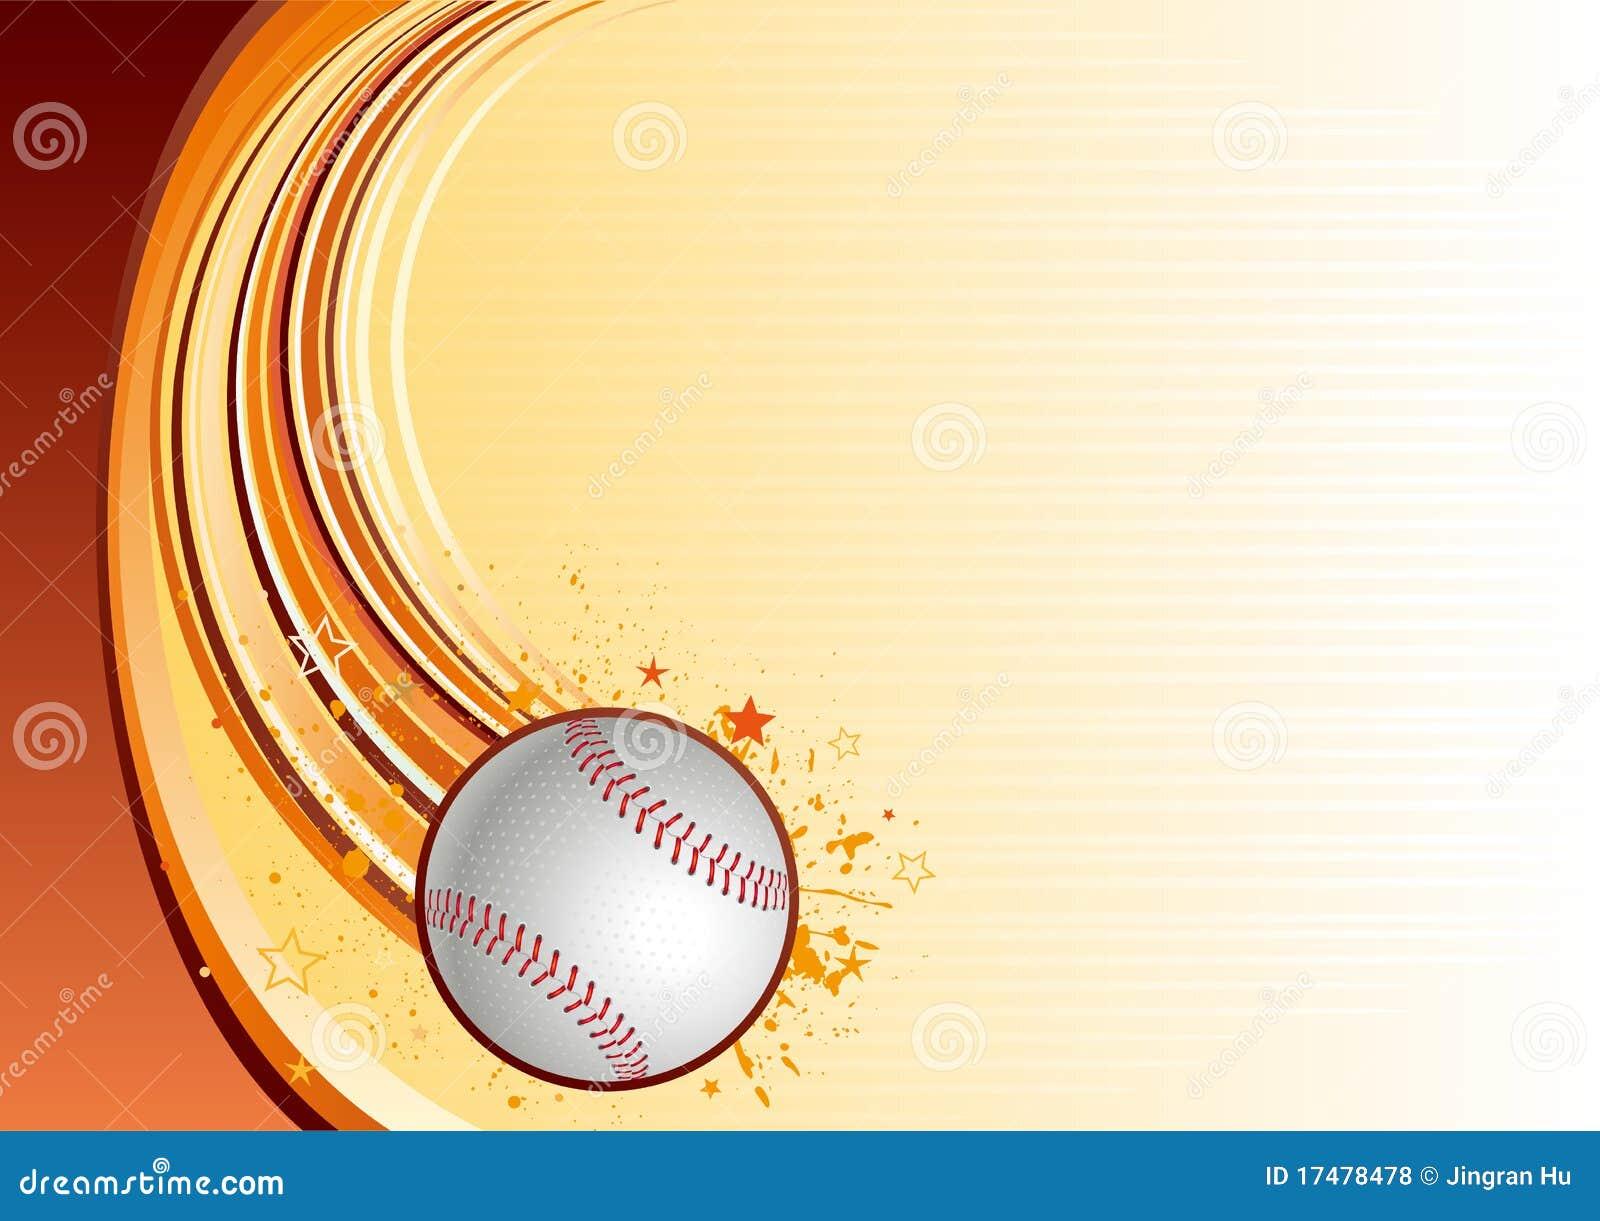 baseball sport background stock vector illustration of shape 17478478